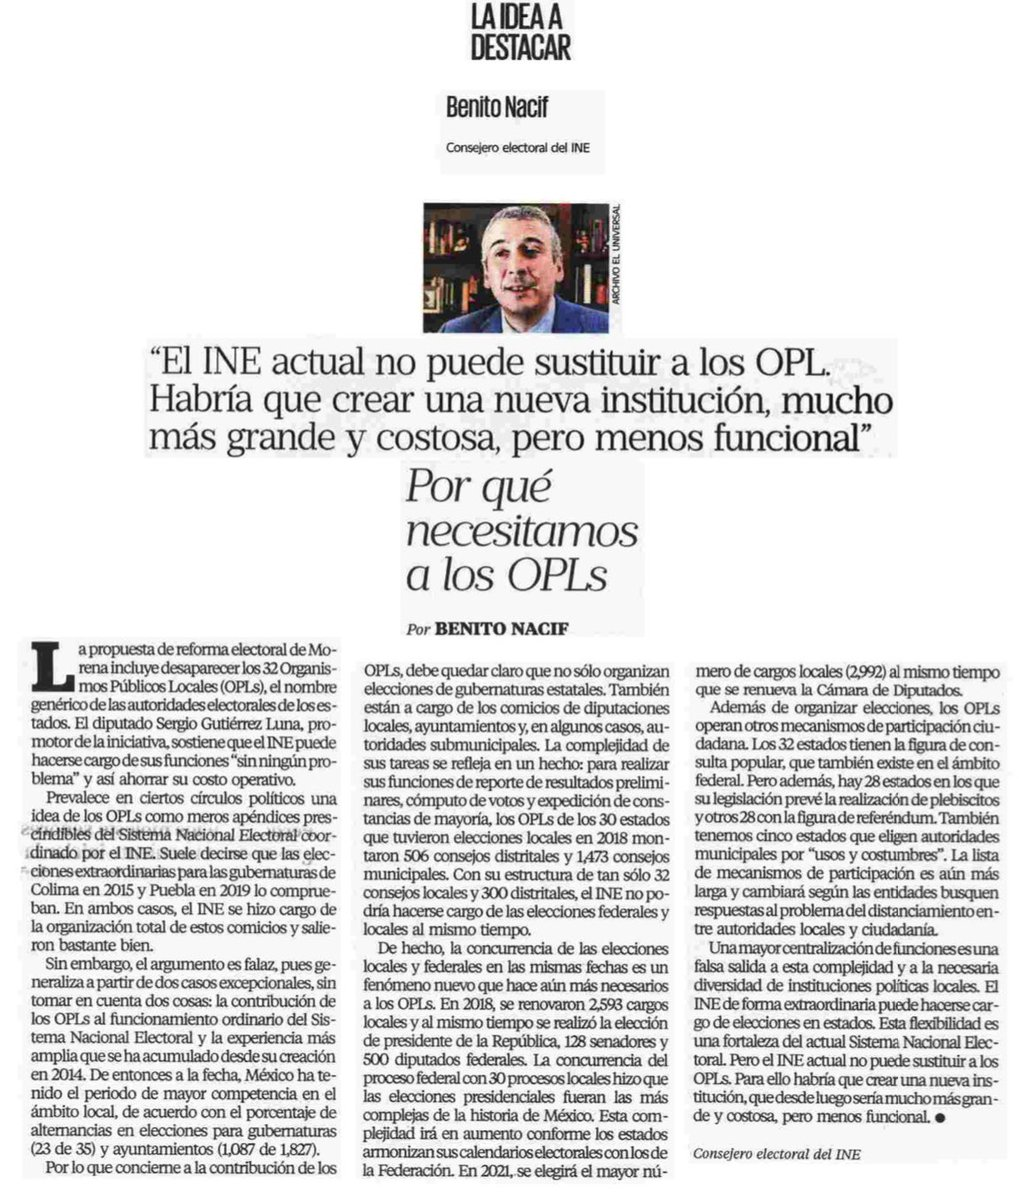 """🖋#ParaLeer """"Por qué necesitamos a los OPLs"""", artículo de @BenitoNacif, publicado en @El_Universal_Mx https://bit.ly/2WLVmvG"""